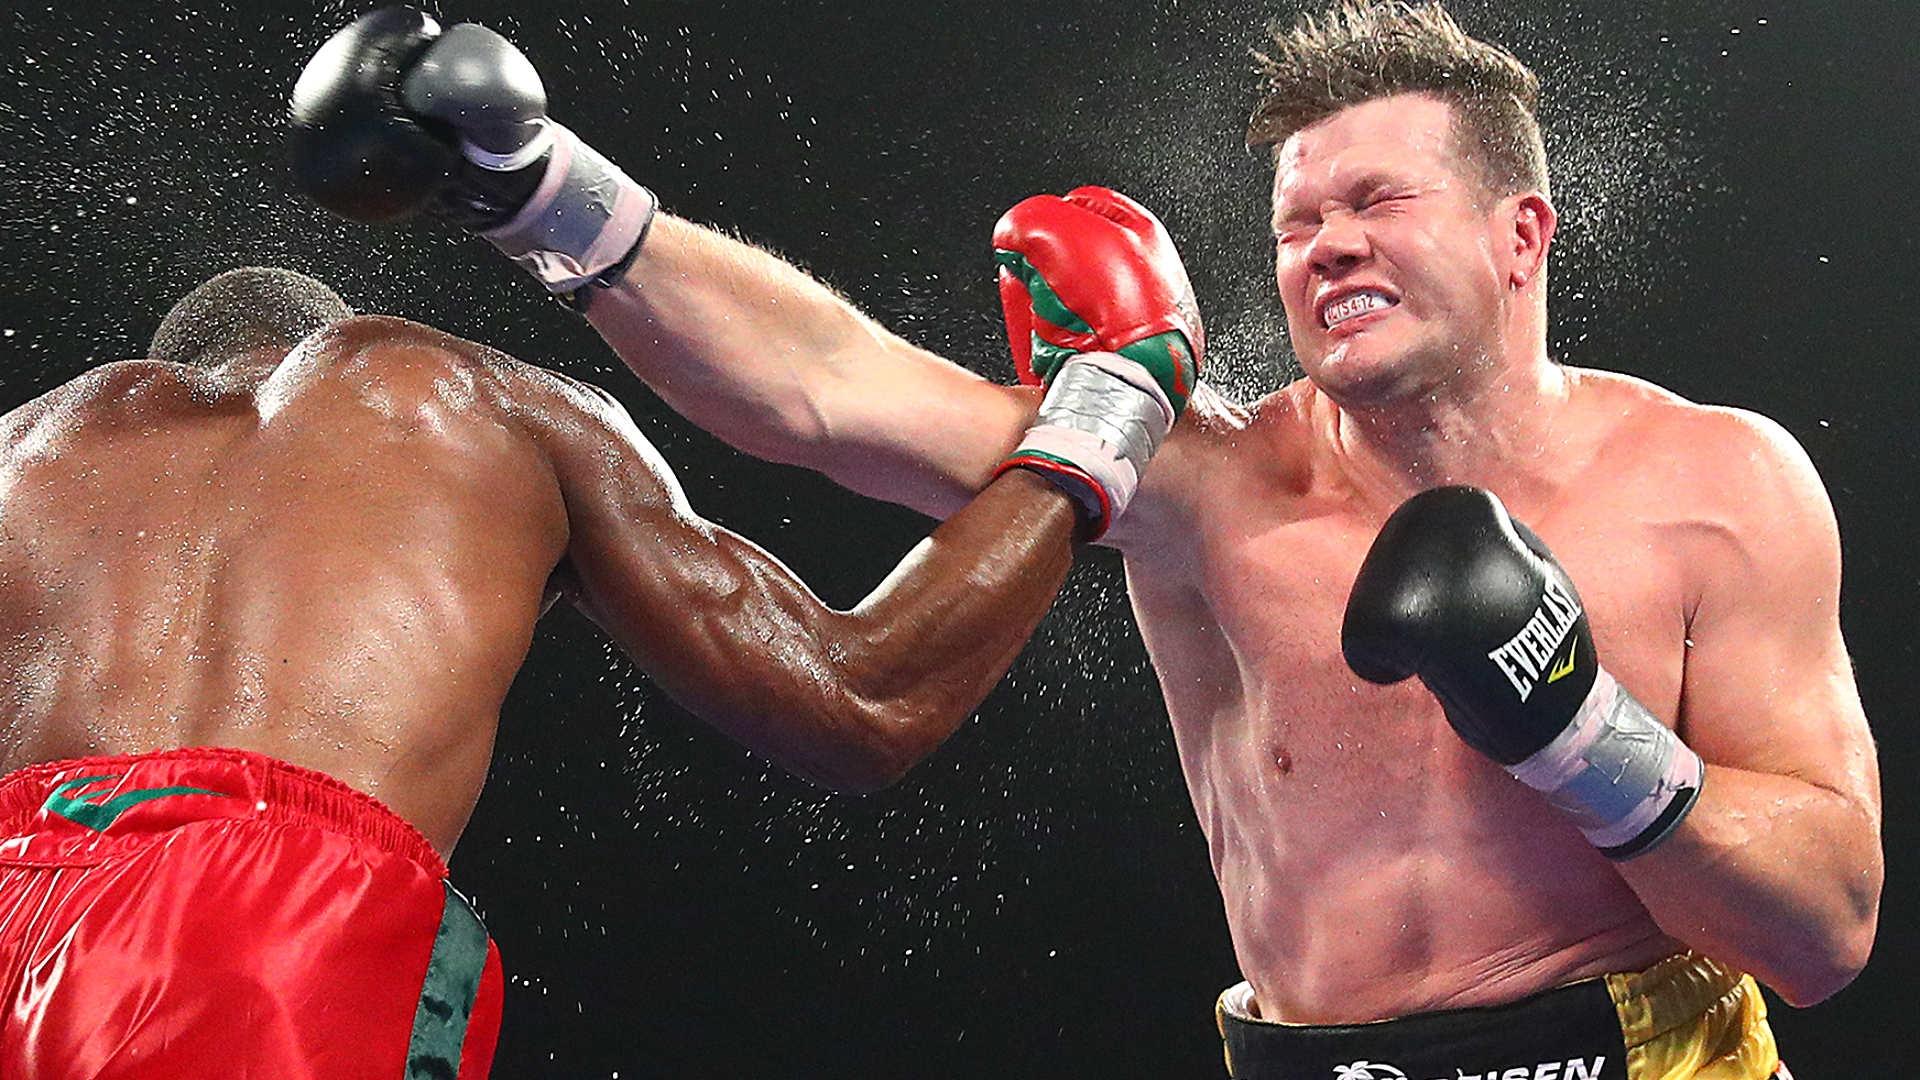 Американският боксьор Брайънт Дженингс направи обрат в мача от тежка